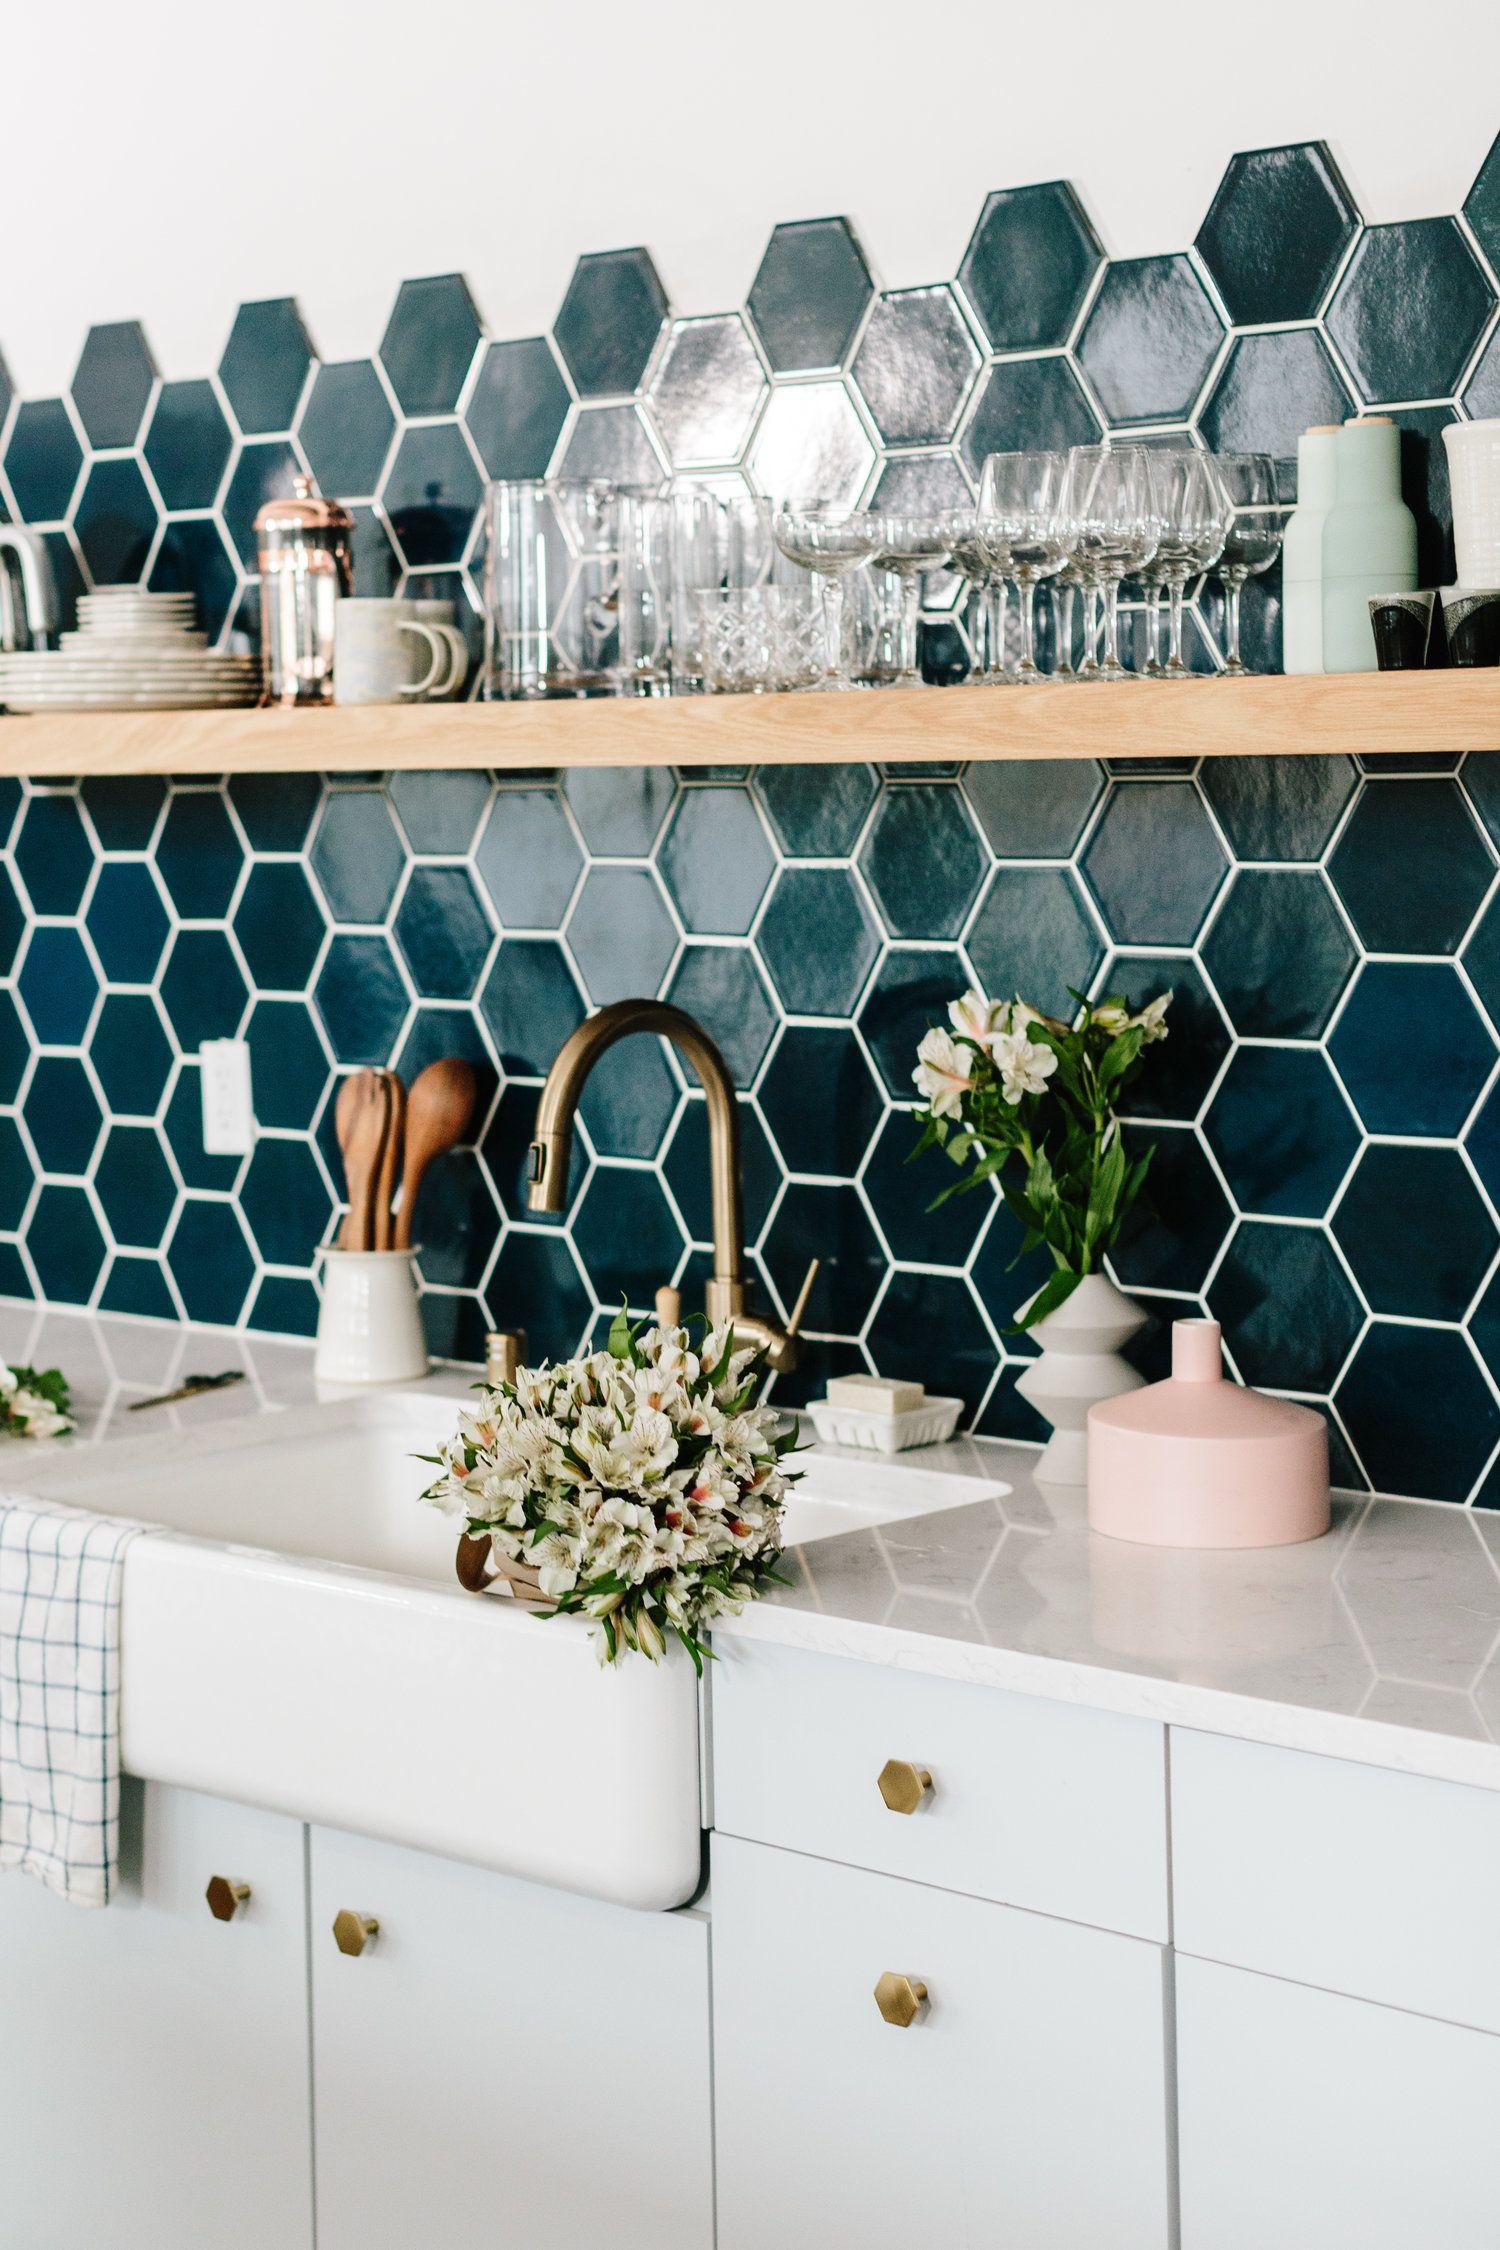 Pin de Amy Tatterton en humble abode | Pinterest | Cocinas, Hogar y ...